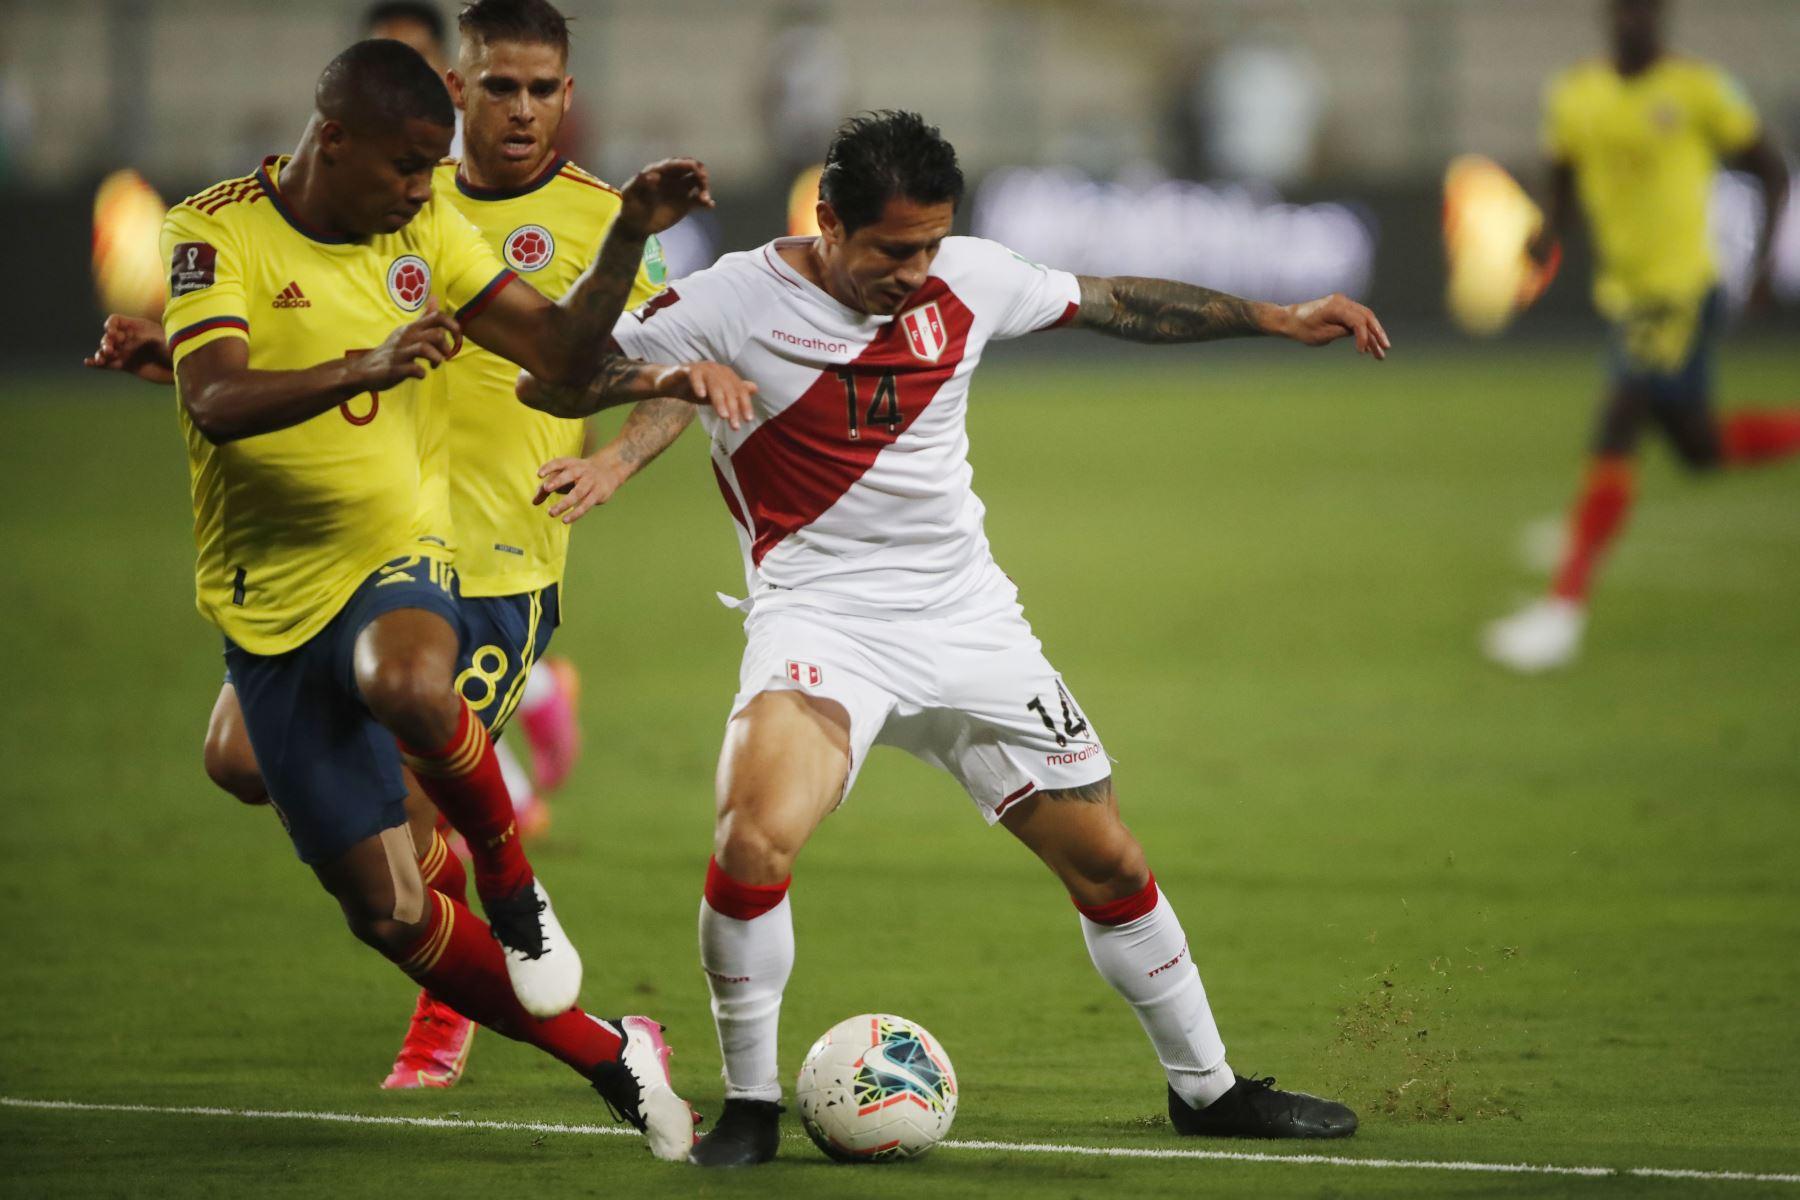 El jugador Gianluca Lapadula de la selección Peruana se enfrenta al jugador de la Selección de Colombia  por la jornada 7 de las Eliminatorias Qatar 2022 en el estadio Nacional de Lima, Perú.  Foto: Pool/FPF